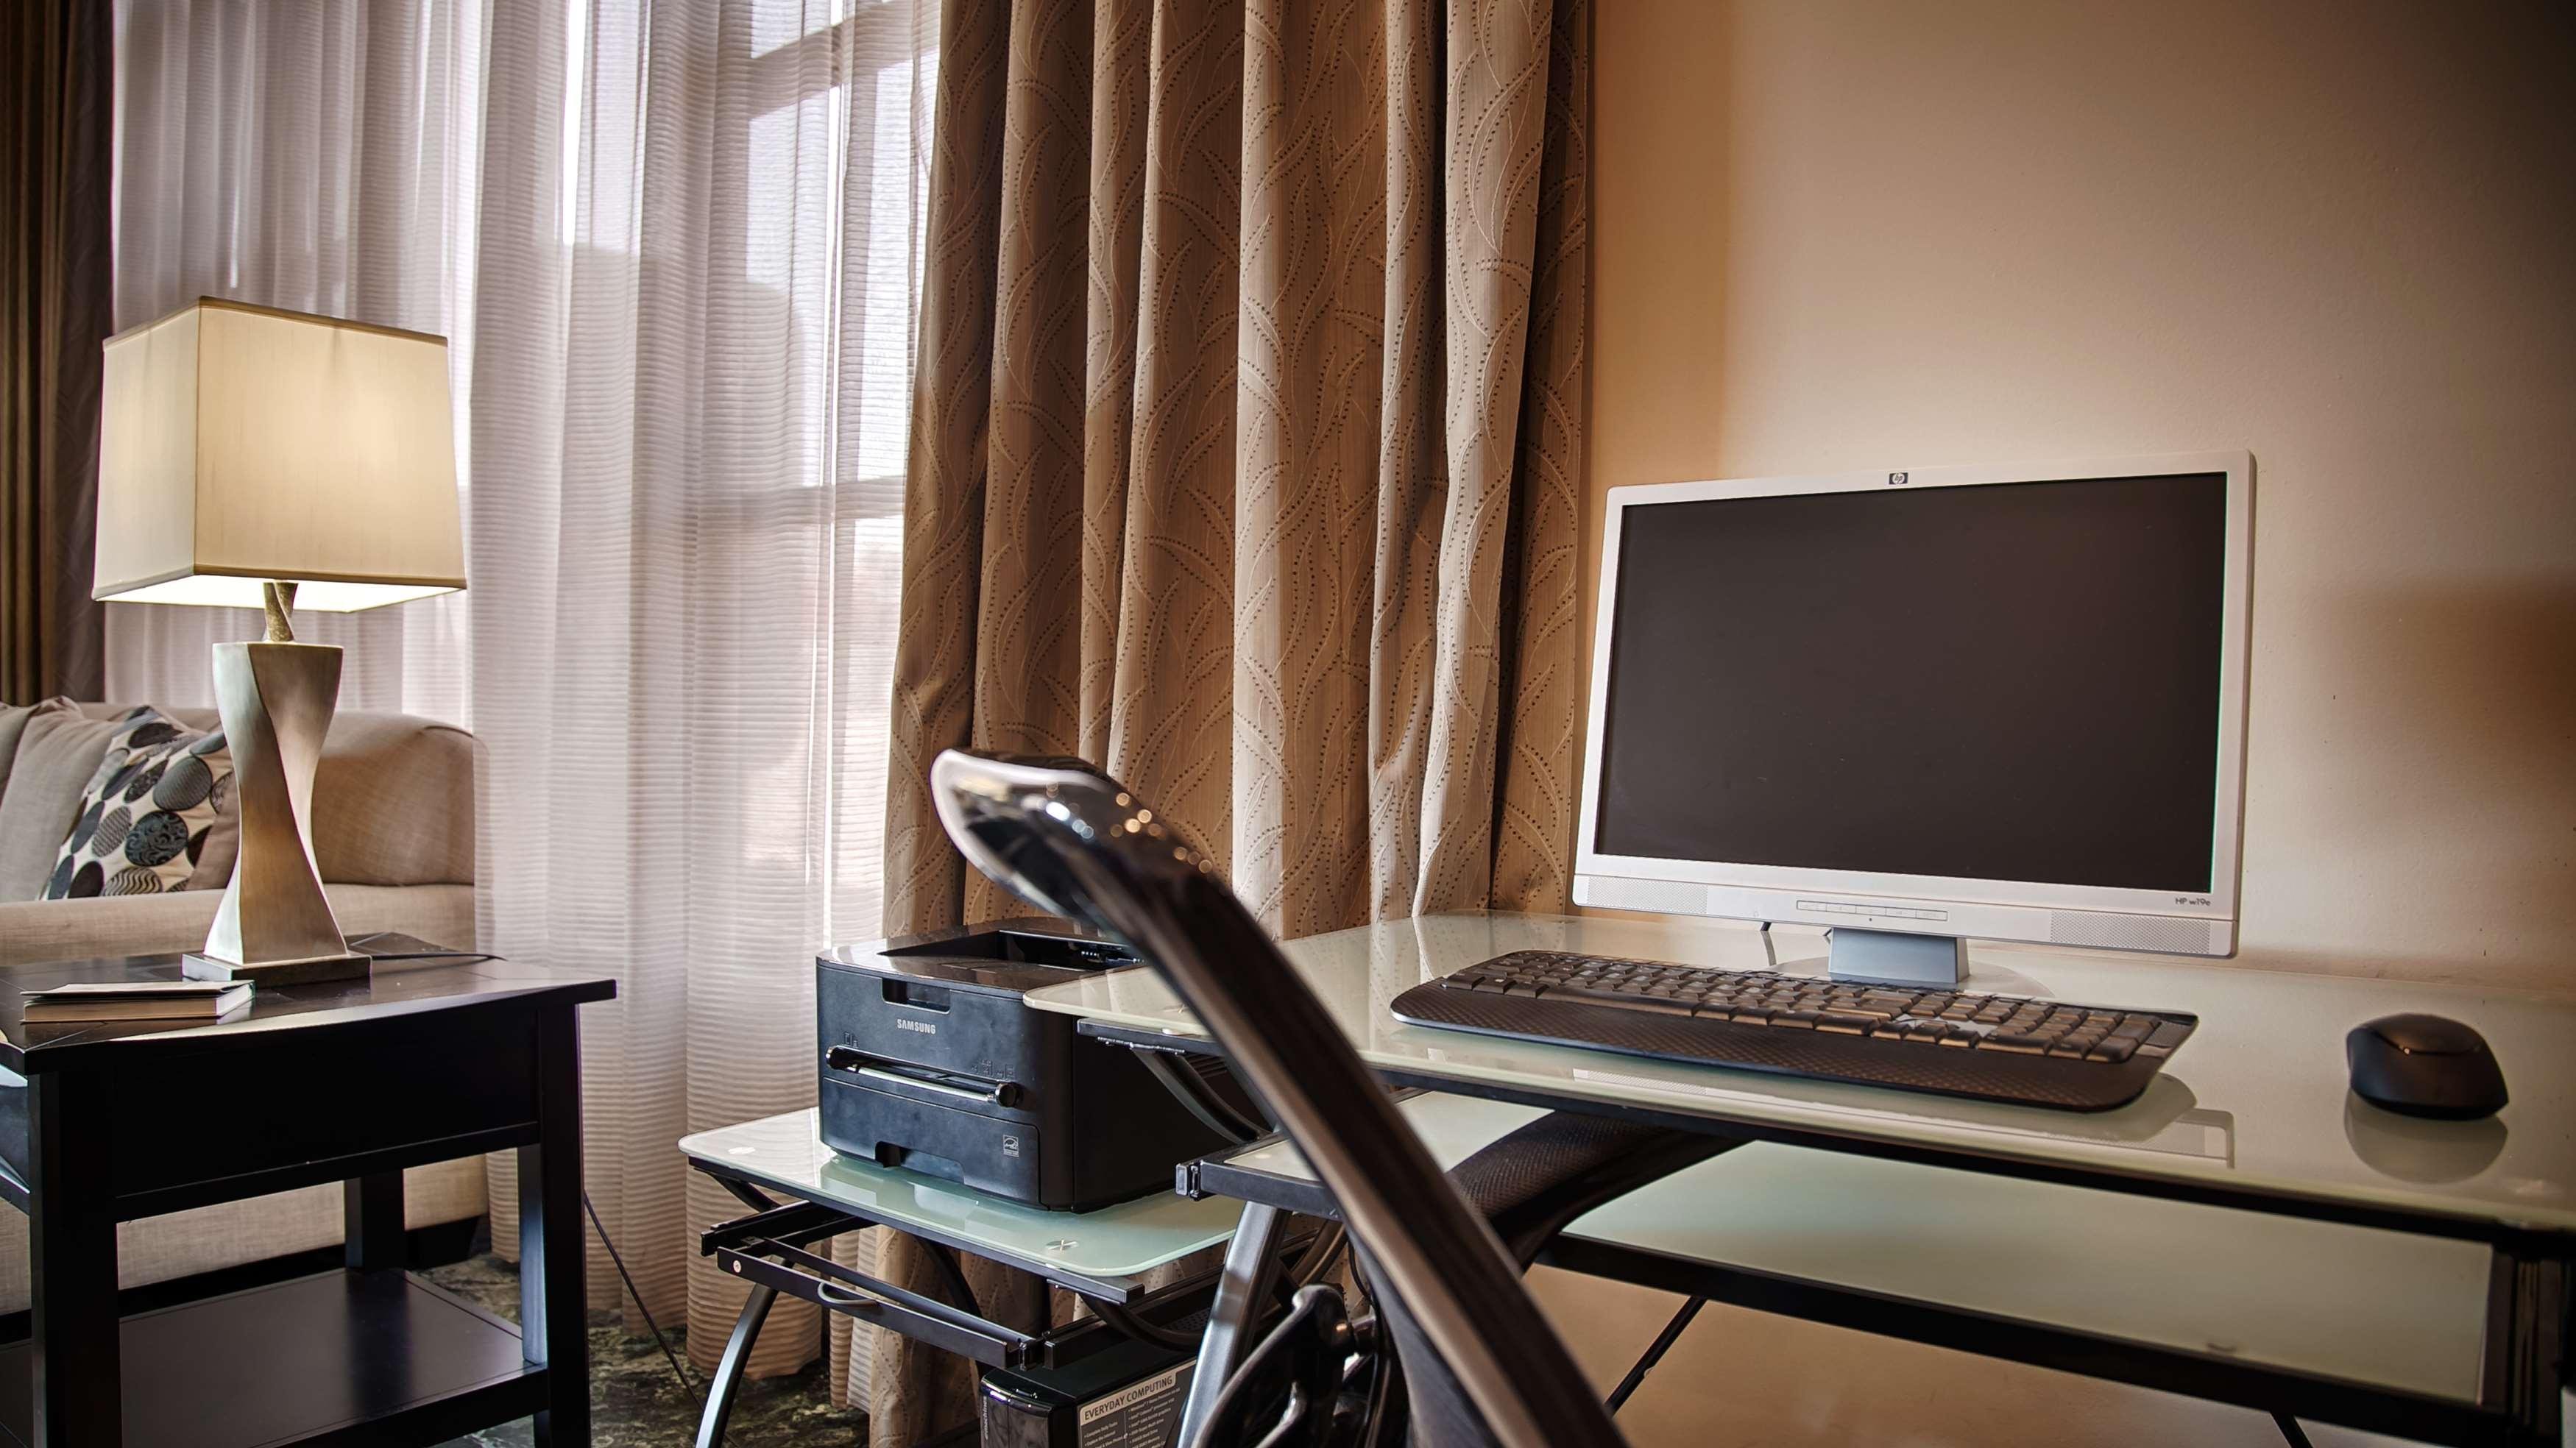 Best Western Pasadena Royale Inn & Suites image 10